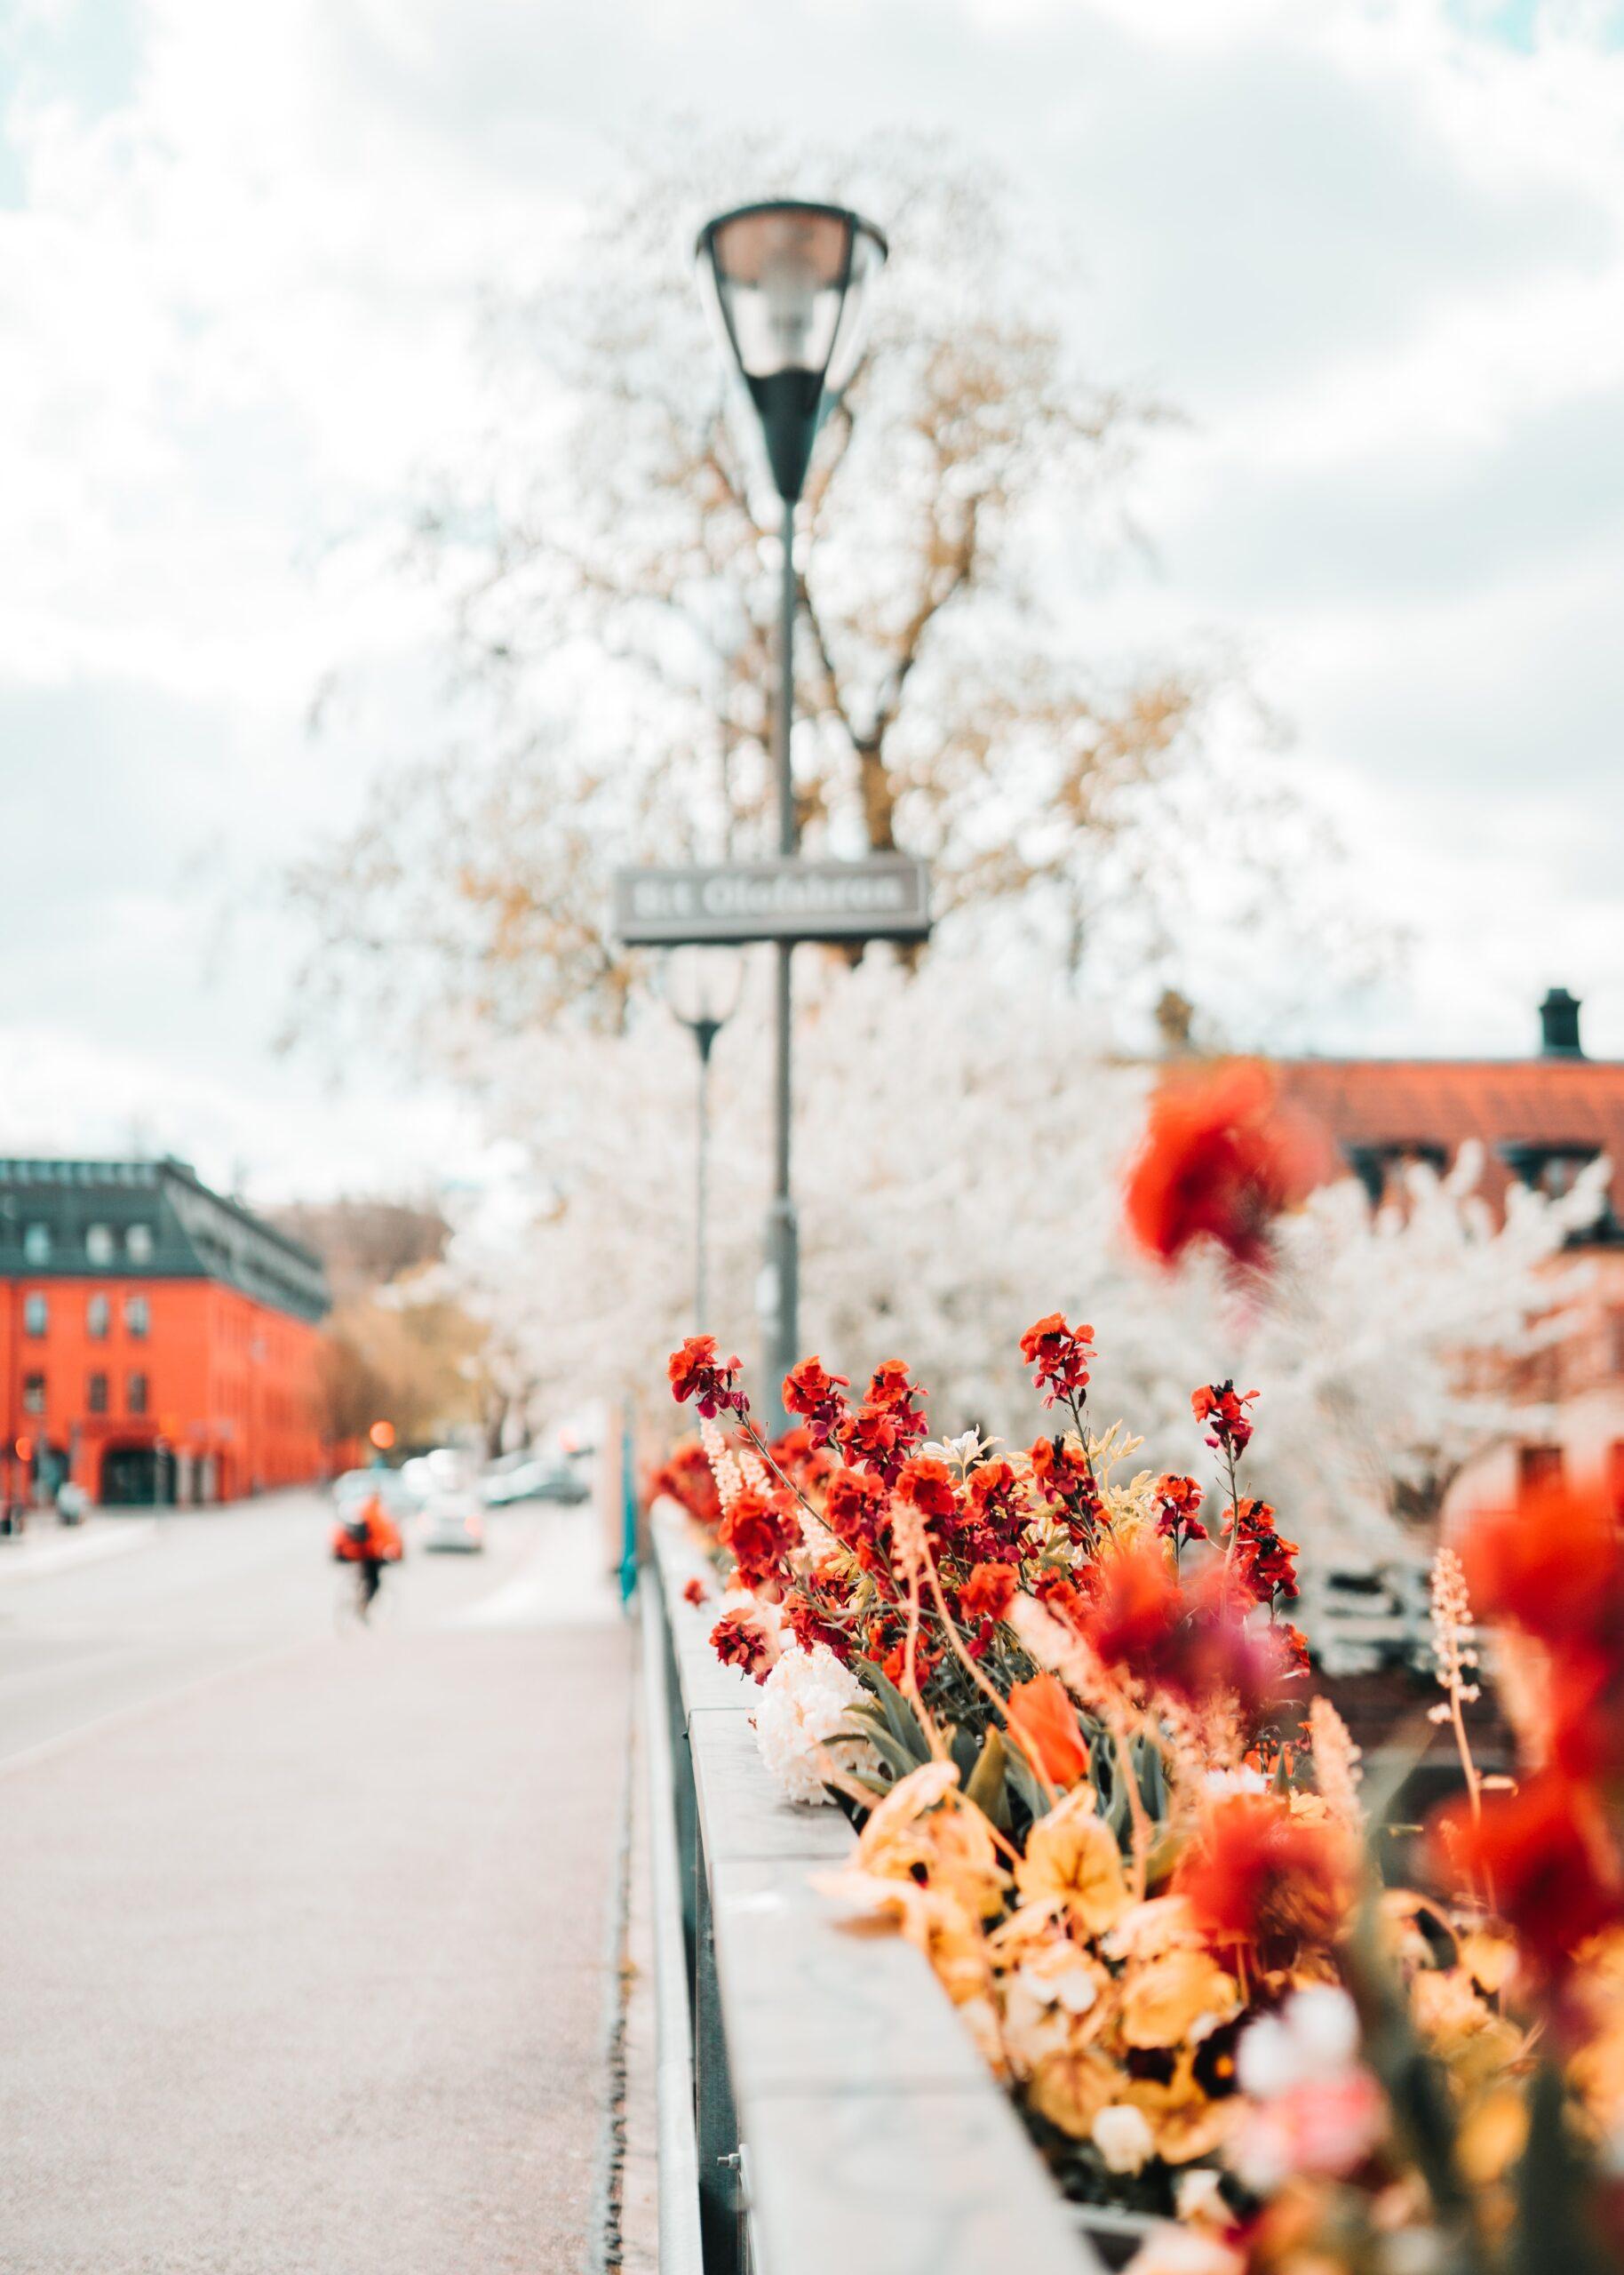 Photo Emil Widlund